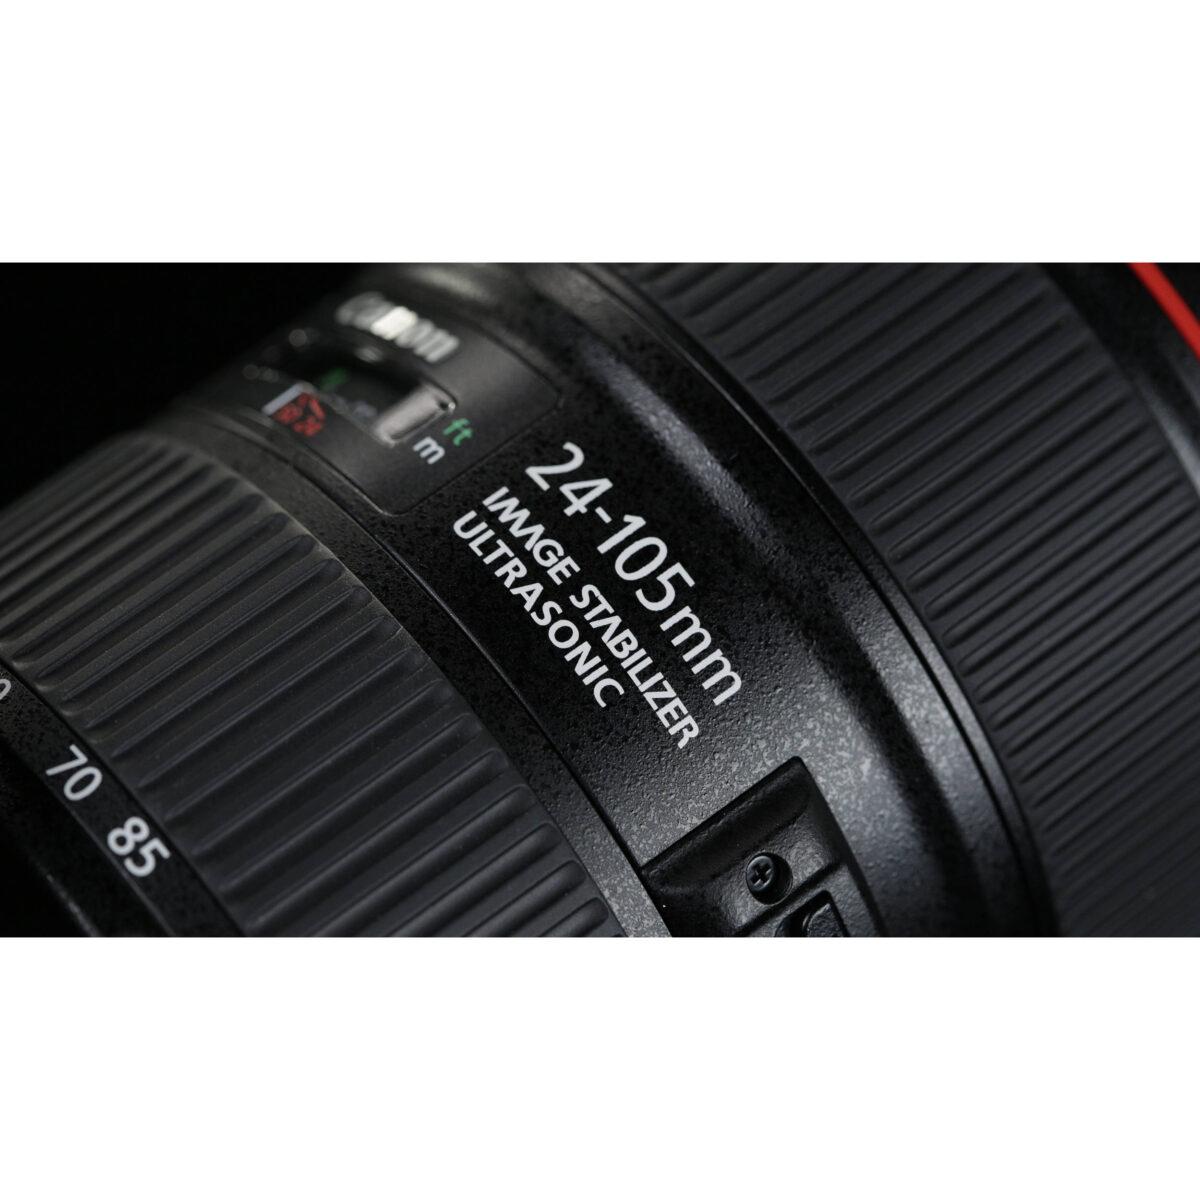 بهترین قیمت دوربین canon eos 5d mark IV تایپ 2 - یزد کمرا